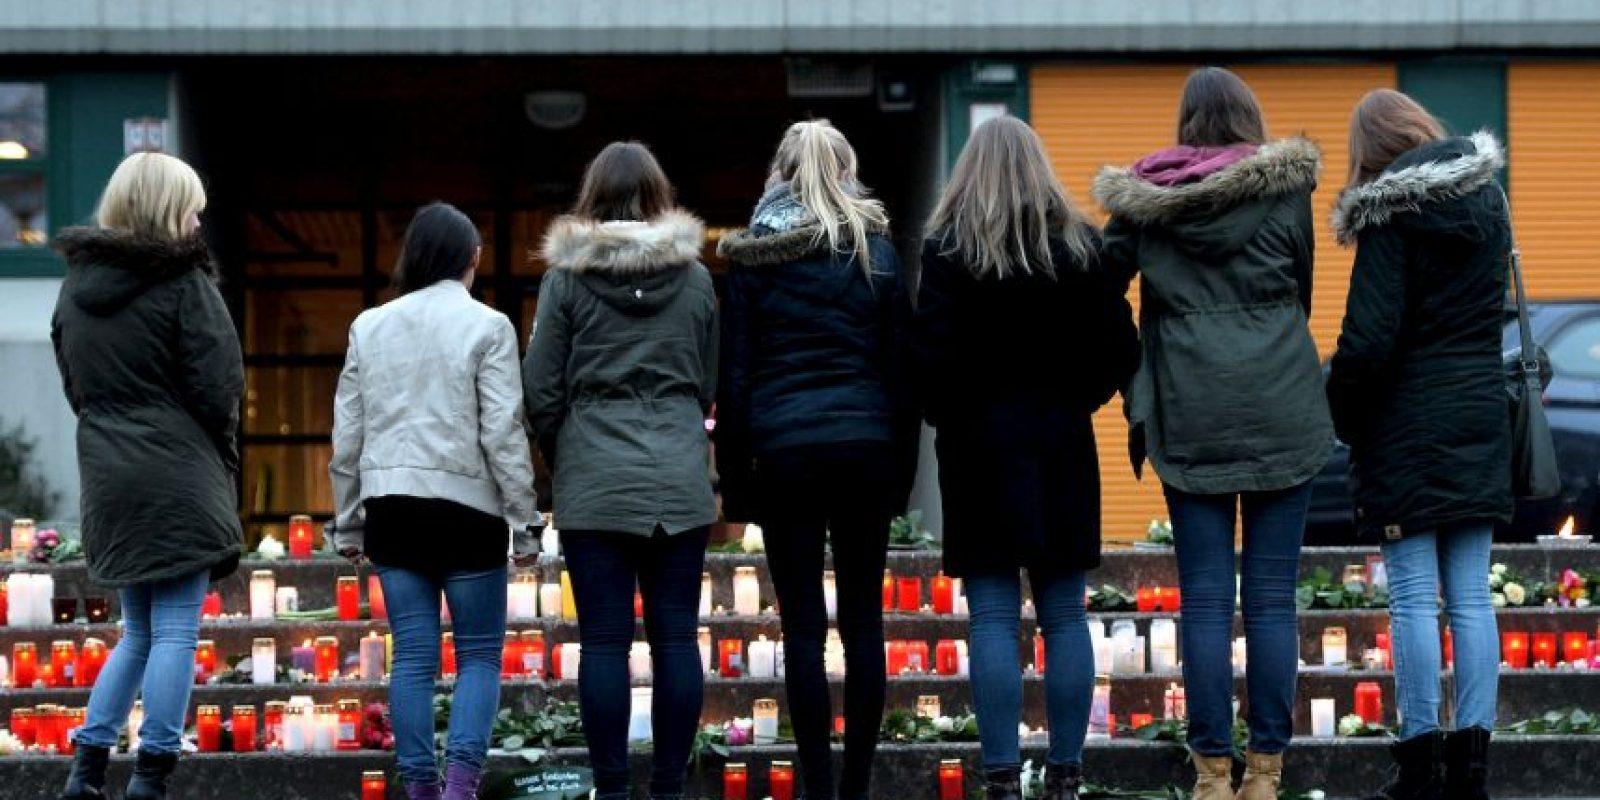 Estudiantes del Gimnasio Joseph König en Halterm am See, Alemania, se han reunido para dar un homenaje póstumo a los estudiantes que iban en el avión de Germanwings. Entre los 150 pasajeros se encontraban 16 estudiantes y 2 maestros. Foto:Getty Images